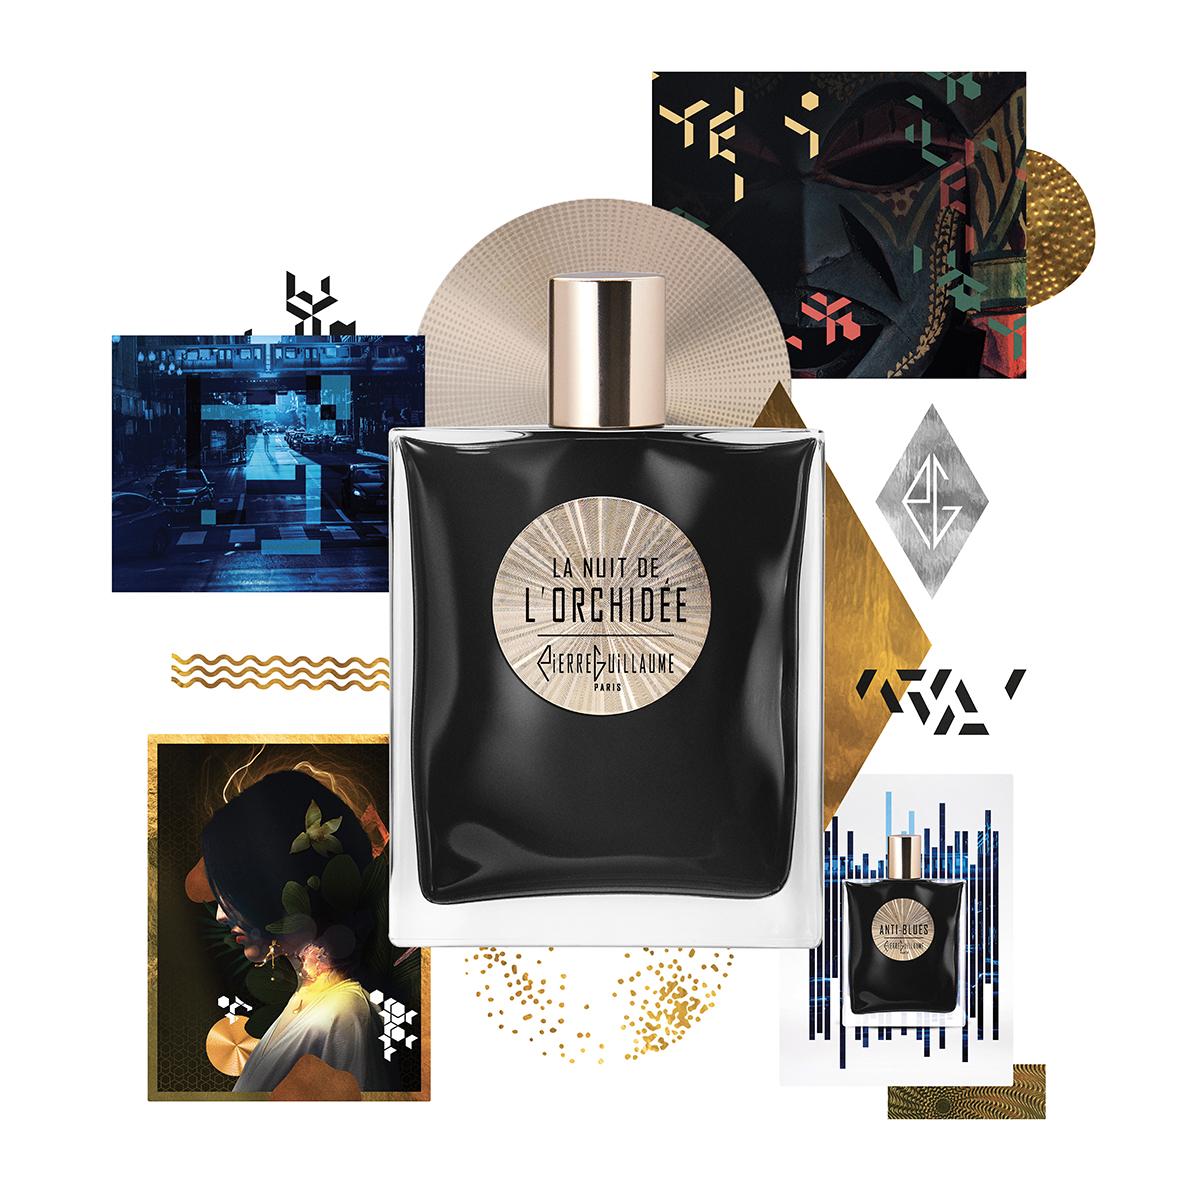 Pierre Guillaume Paris - Pierre Guillaume Confidentiel, des parfums modernes et urbains dans leur bouteille noire ornée d'un blason dorée constellé de lumière